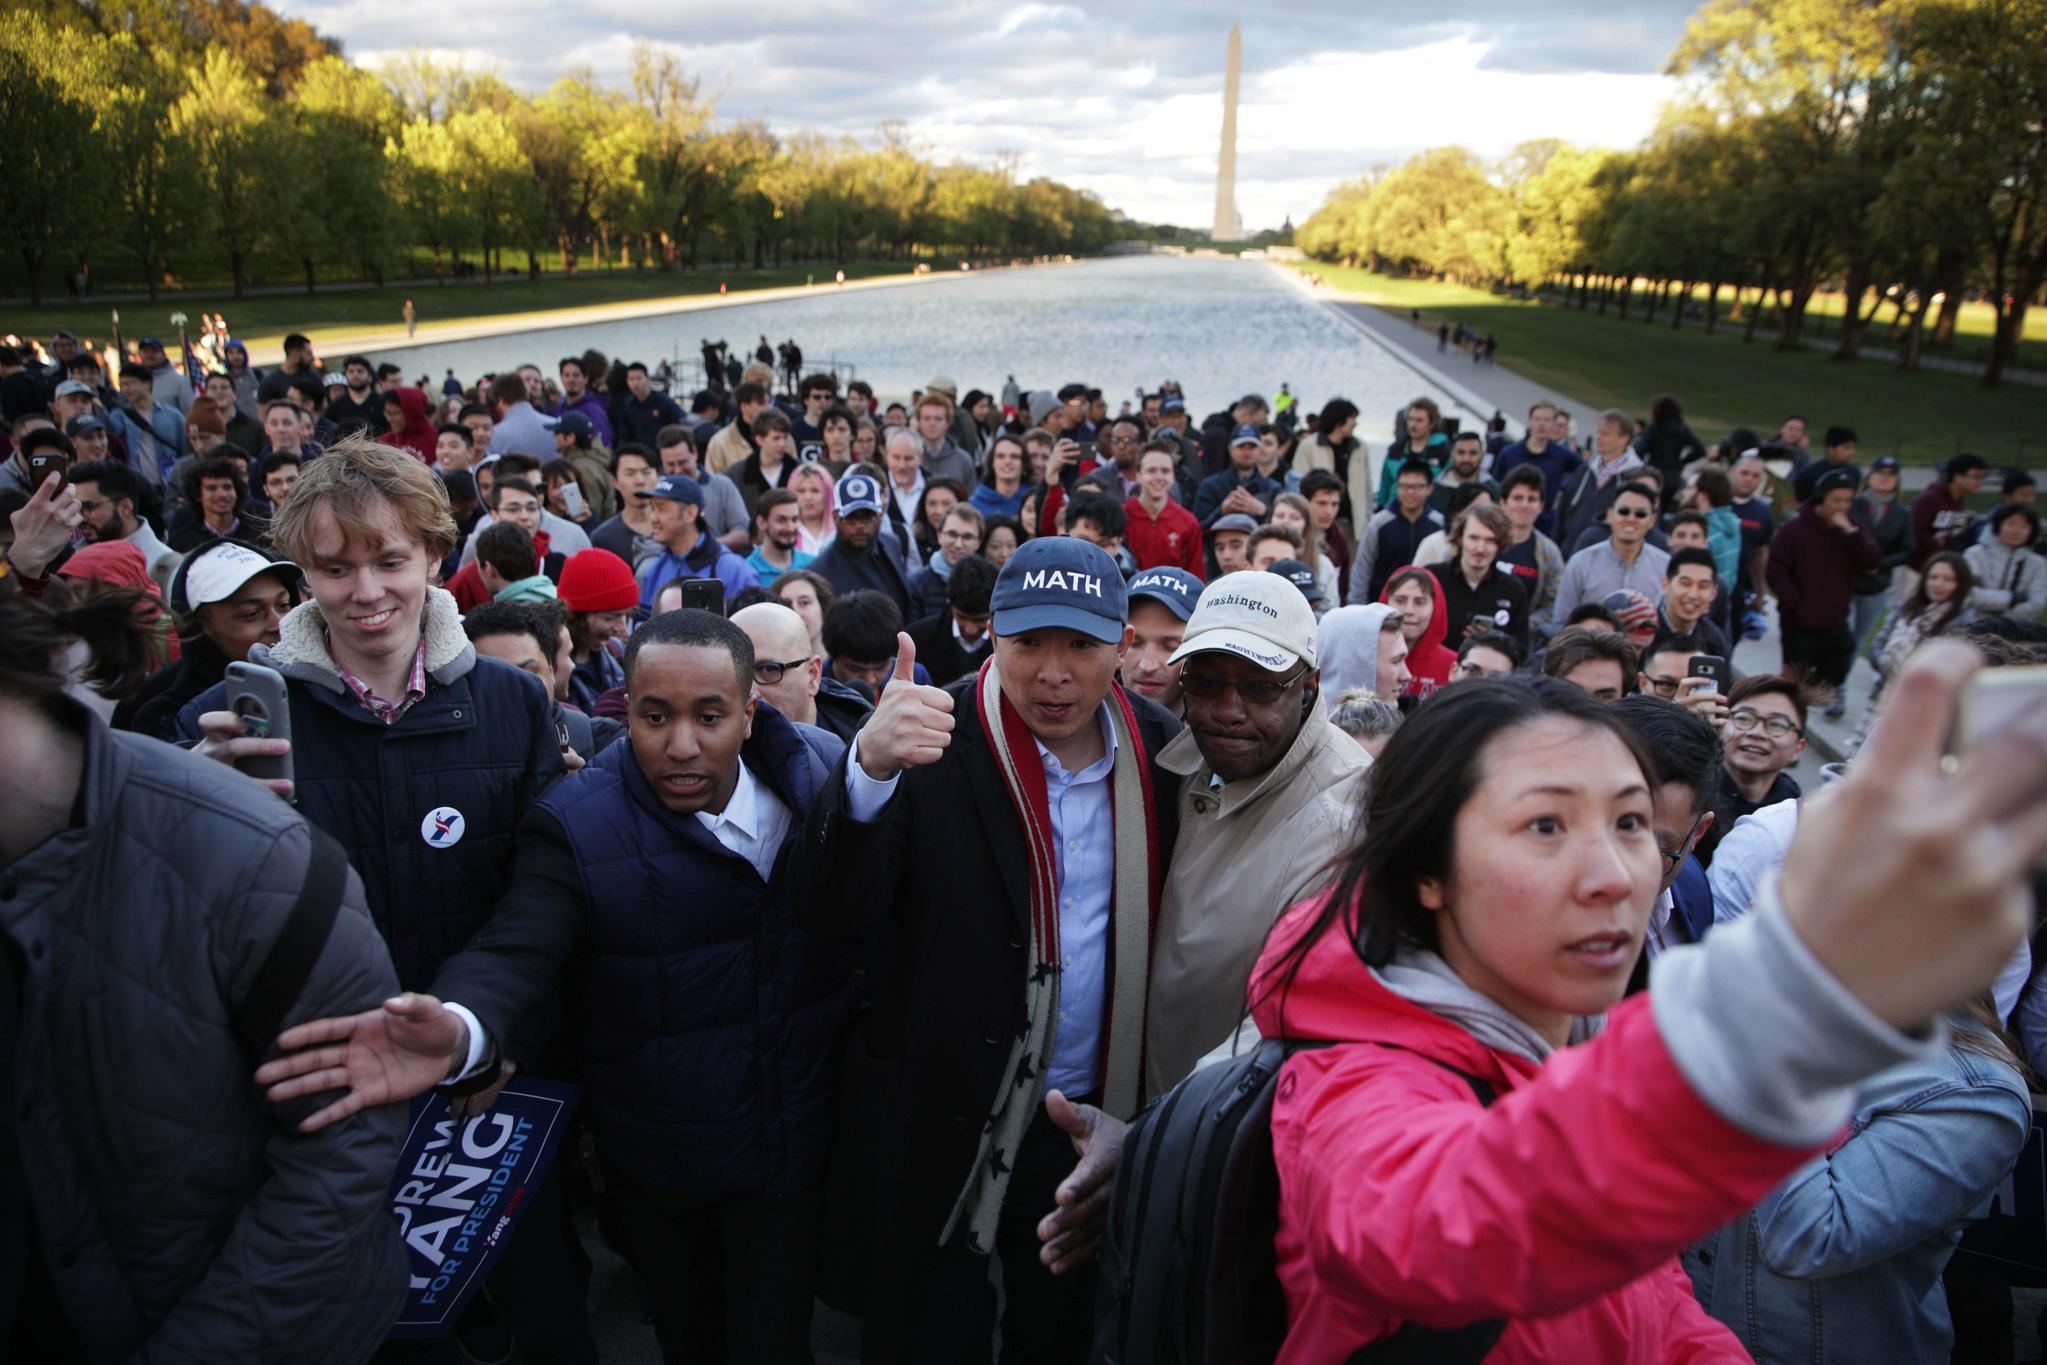 지난 15일 워싱턴 링컨기념관 앞에서 열린 선거유세를 마친 양 후보가 이동하고 있다.[AFP=연합뉴스]